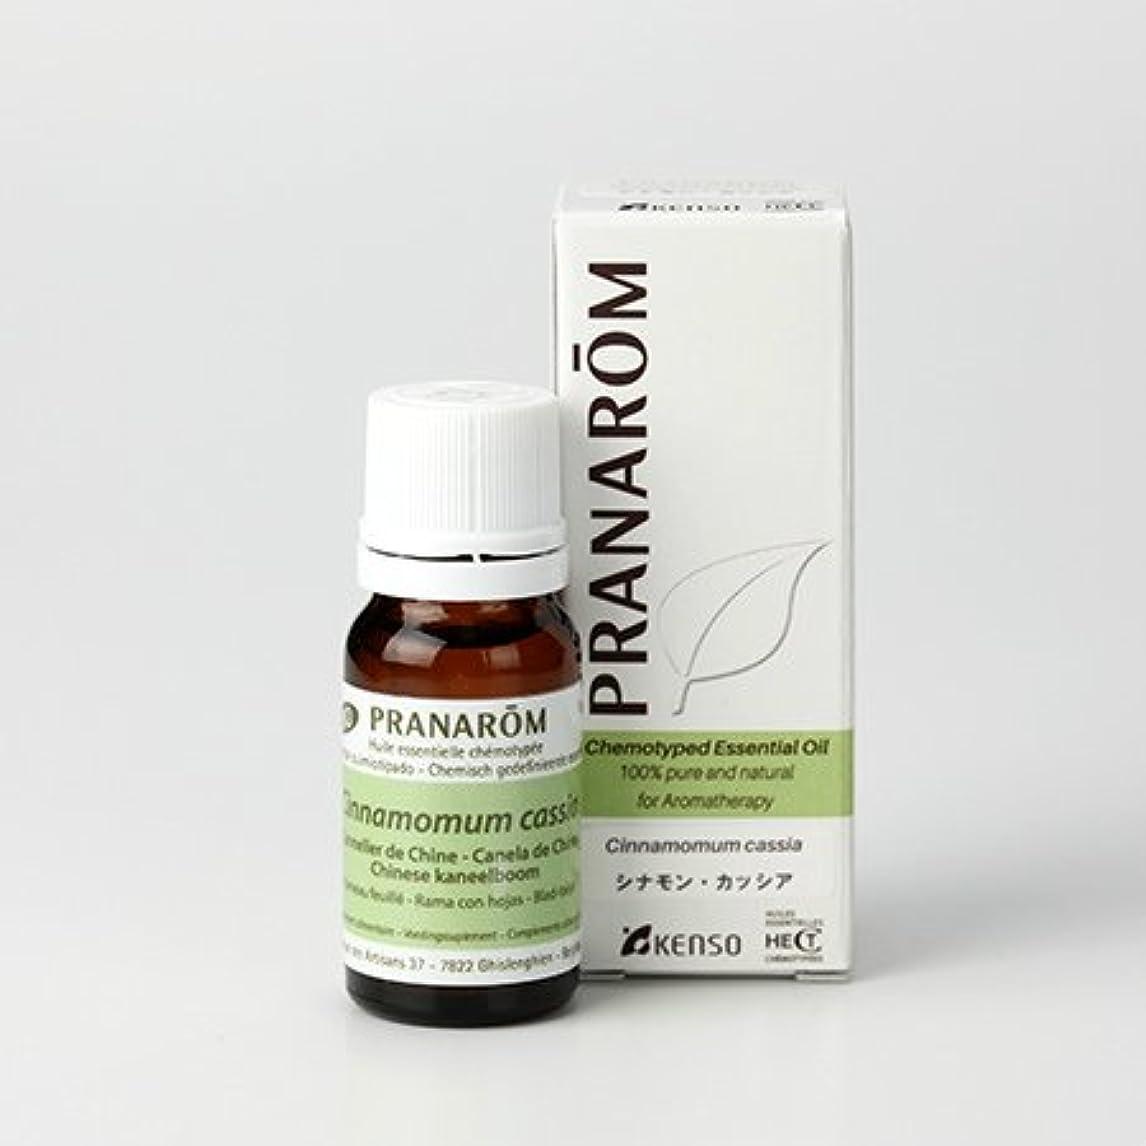 変装ルートスクリーチプラナロム シナモンカッシア 10ml (PRANAROM ケモタイプ精油)